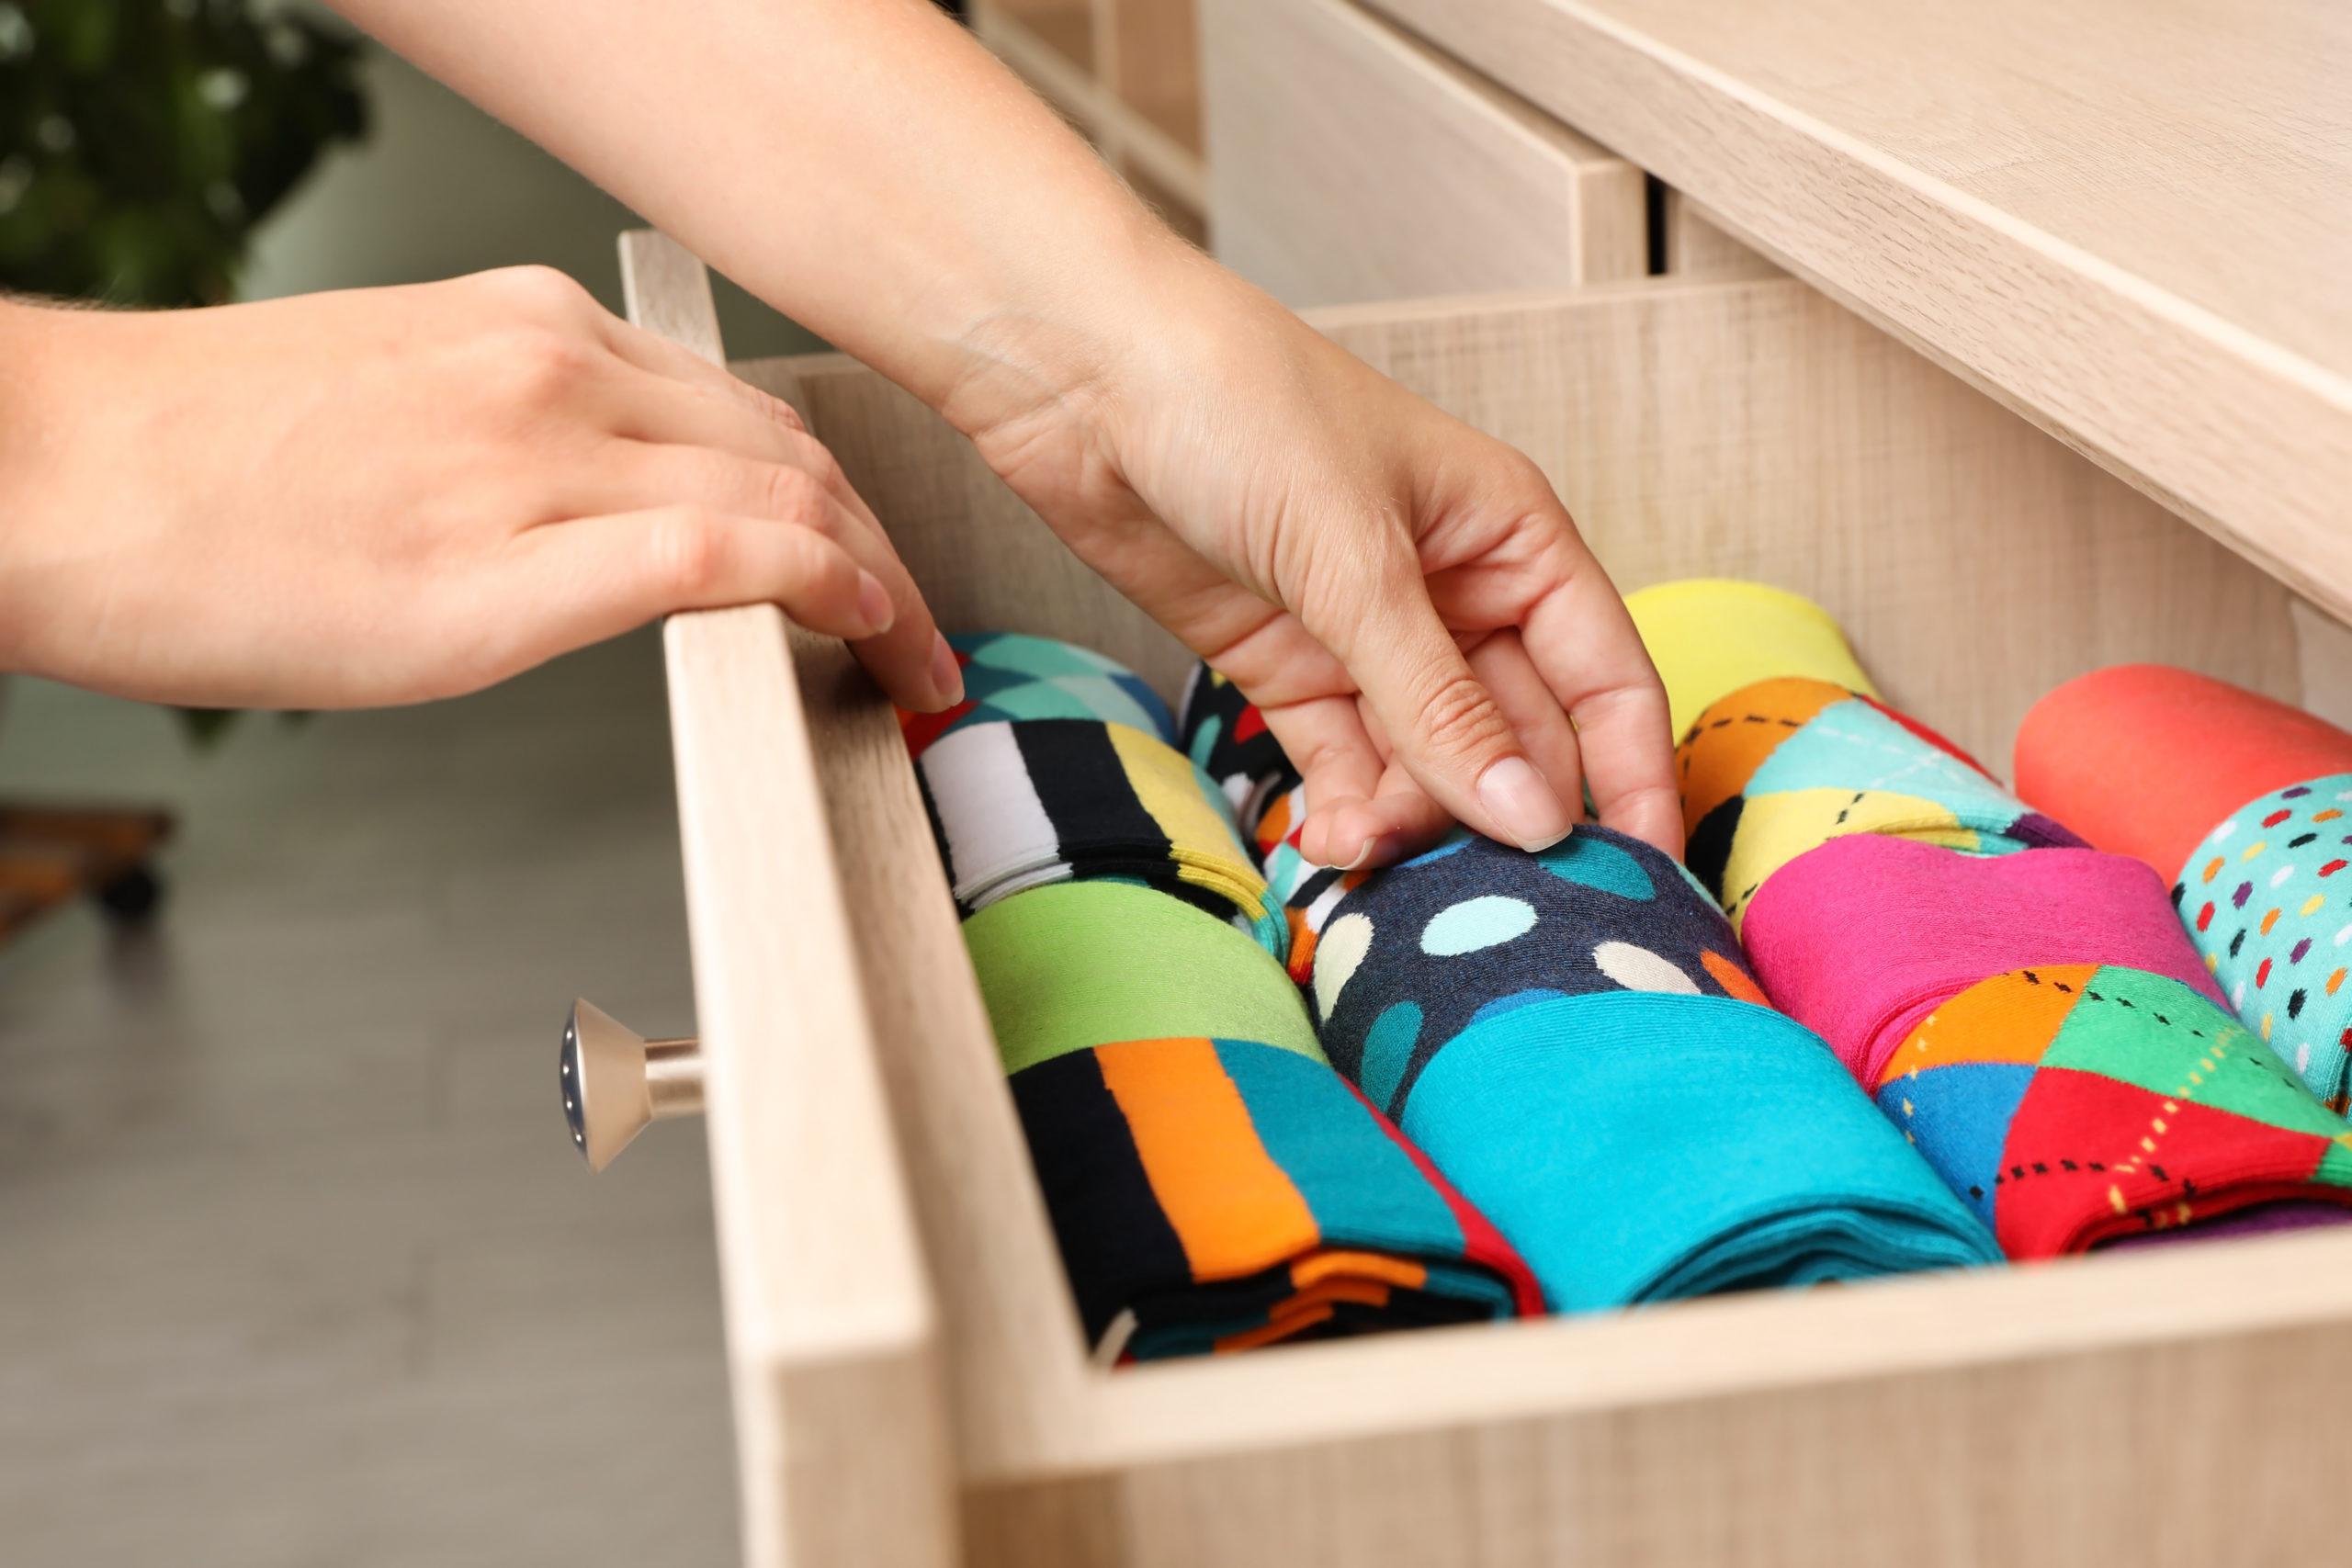 Mani che sistemano ordinatamente le calze in un cassetto